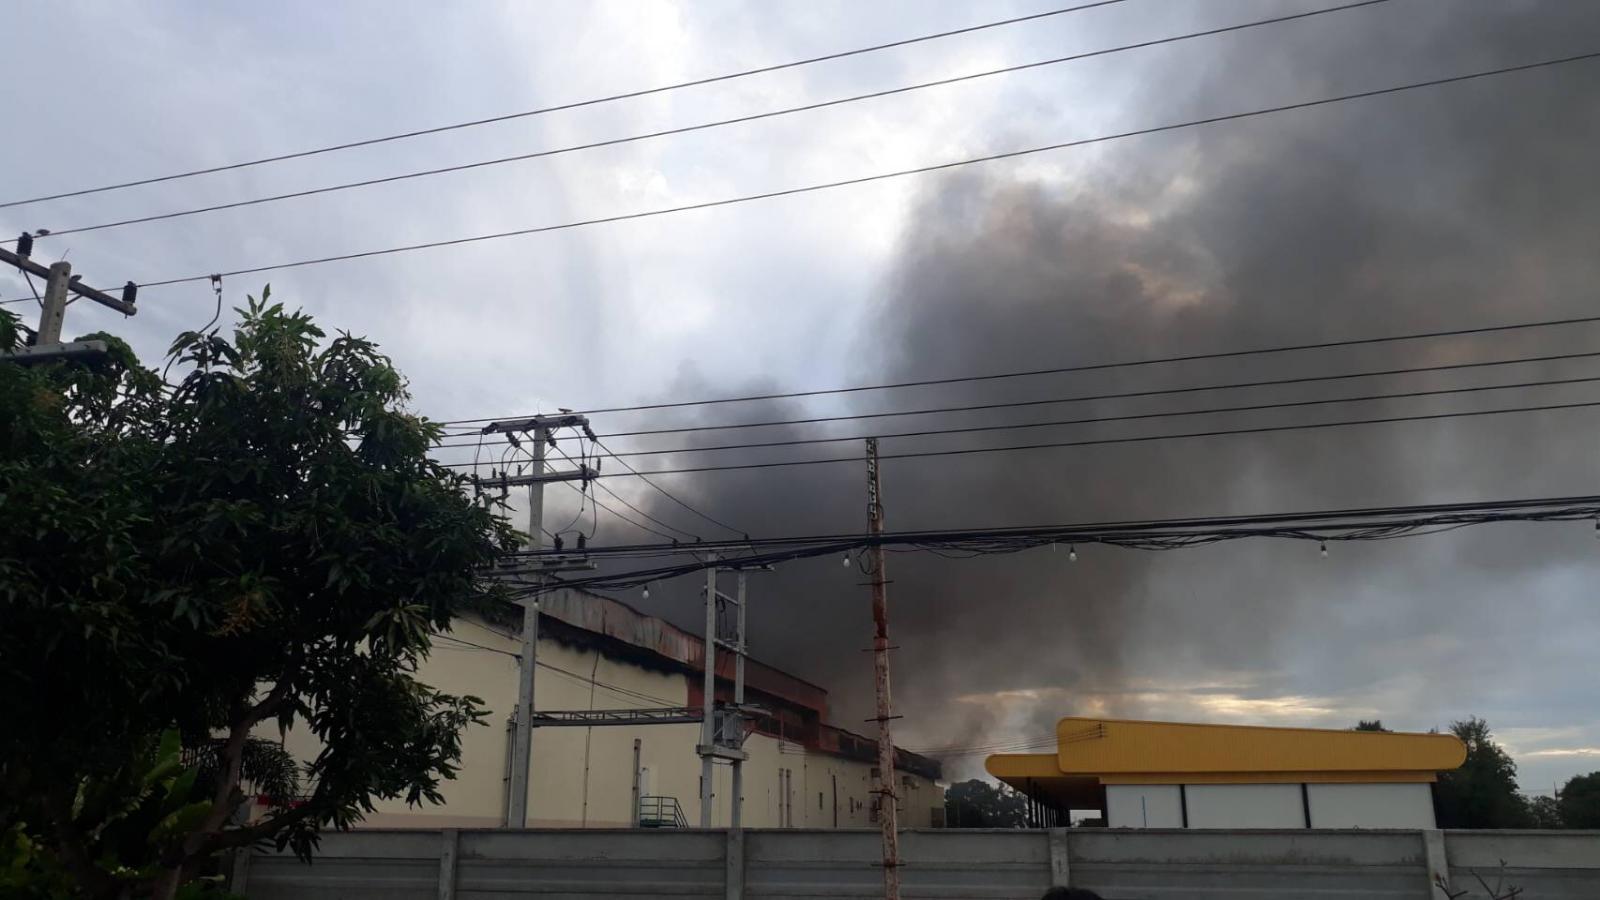 ไฟไหม้โรงงานขนมไทยชื่อดัง เสียหายหลายล้าน ตร.คาดไฟฟ้าลัดวงจร